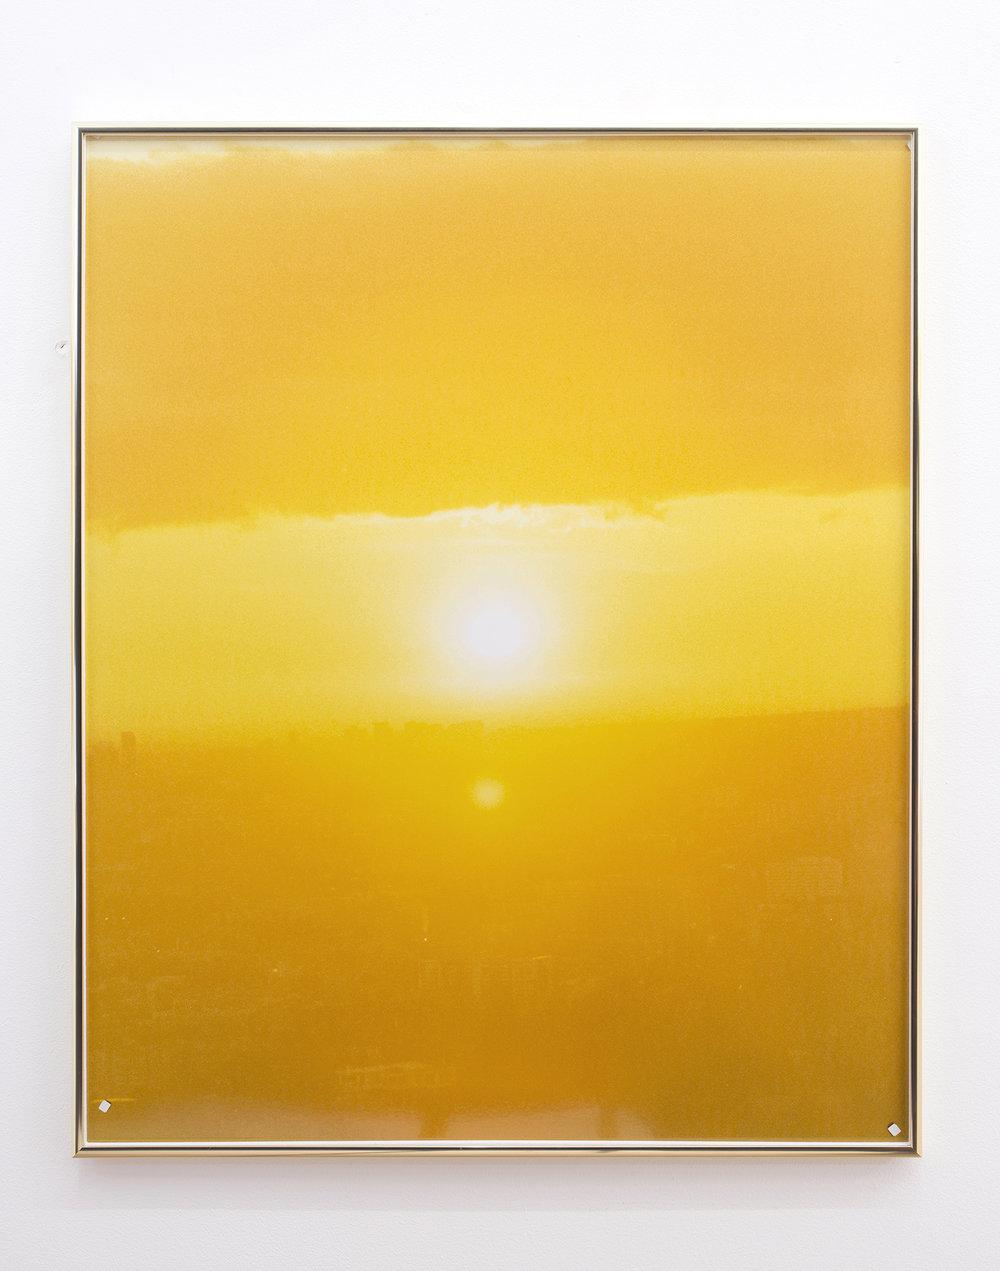 Sébastien Reuzé,  SOLEIL DSC_4414 (2017) ,RC print - Papier Fuji Cristal Archive, 51 x 61 cm with frame